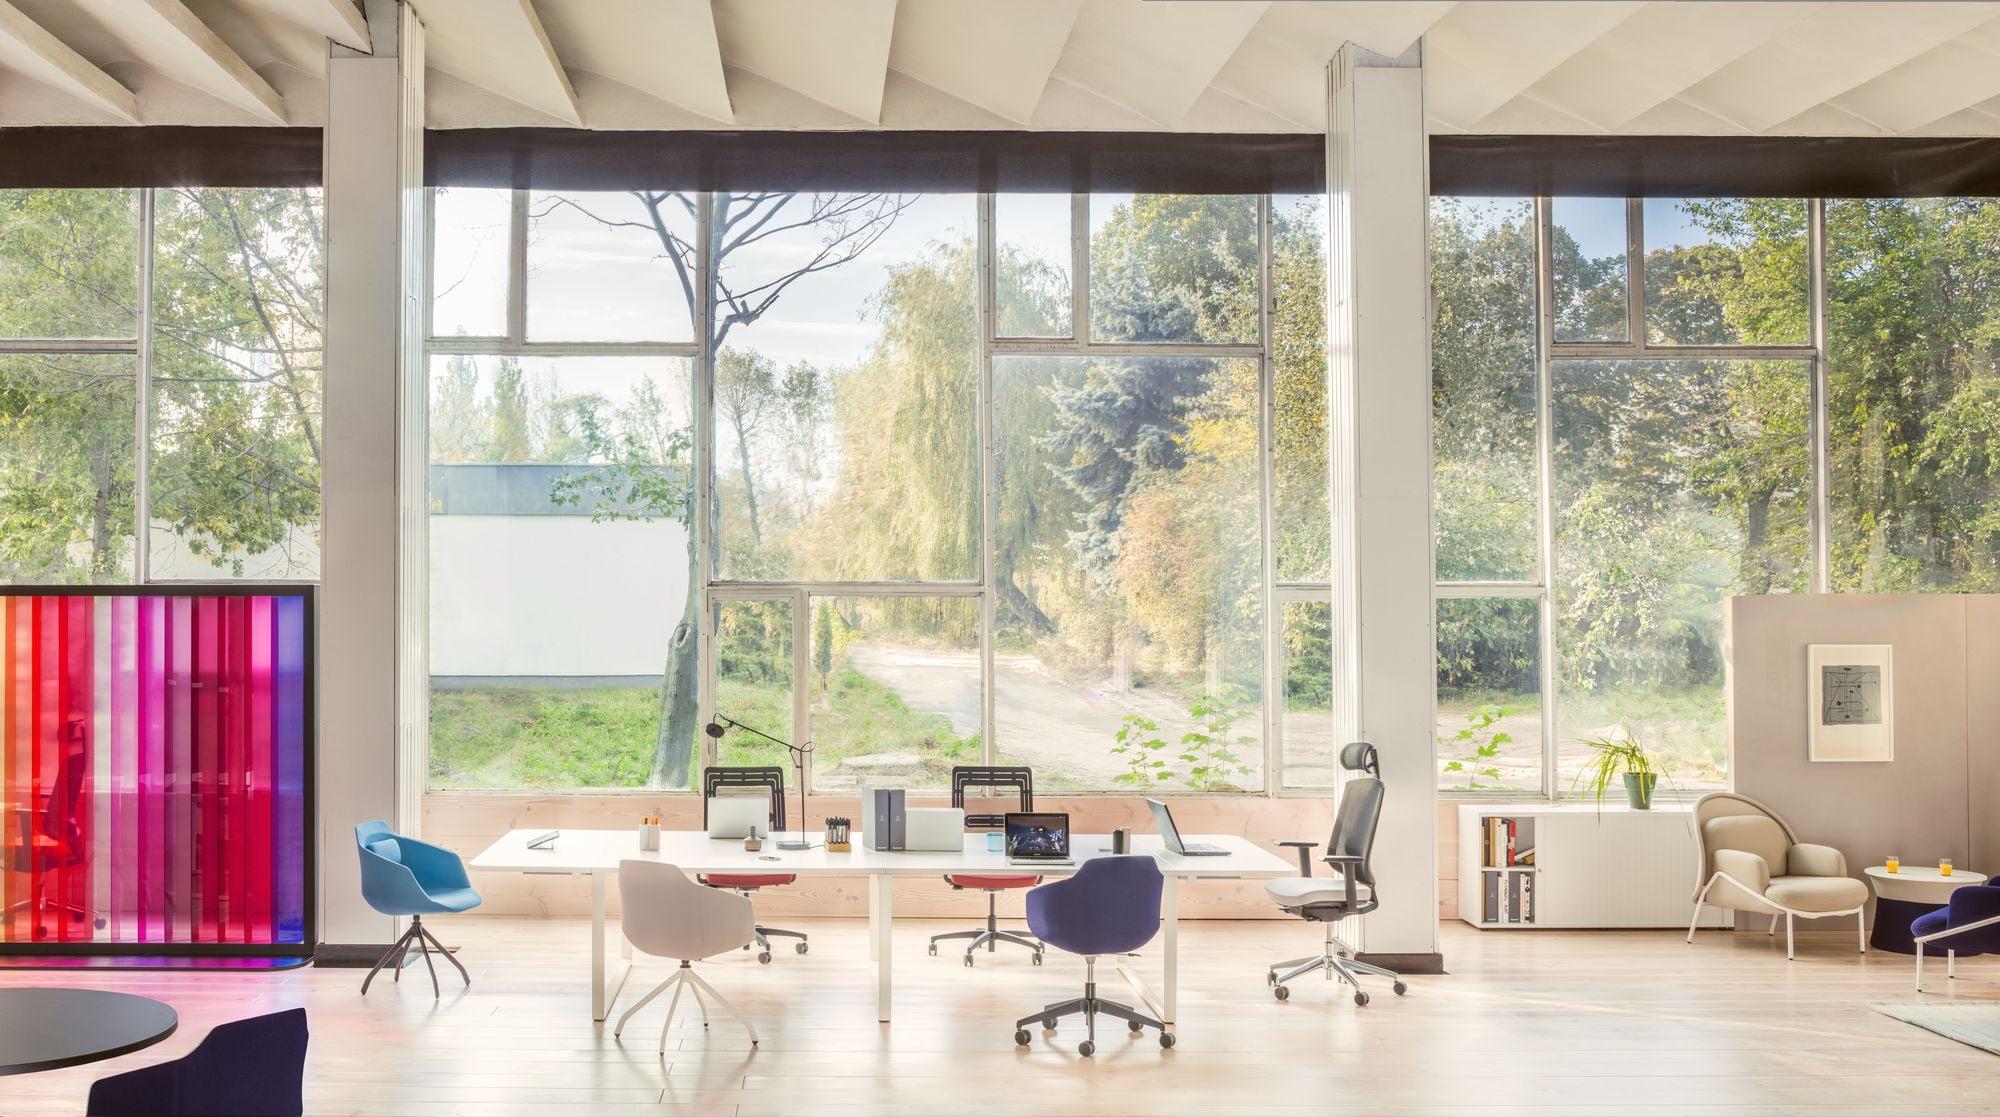 湖南浩安公装公司装修设计资讯知识大型办公室装修设计空间色彩与材质的运用